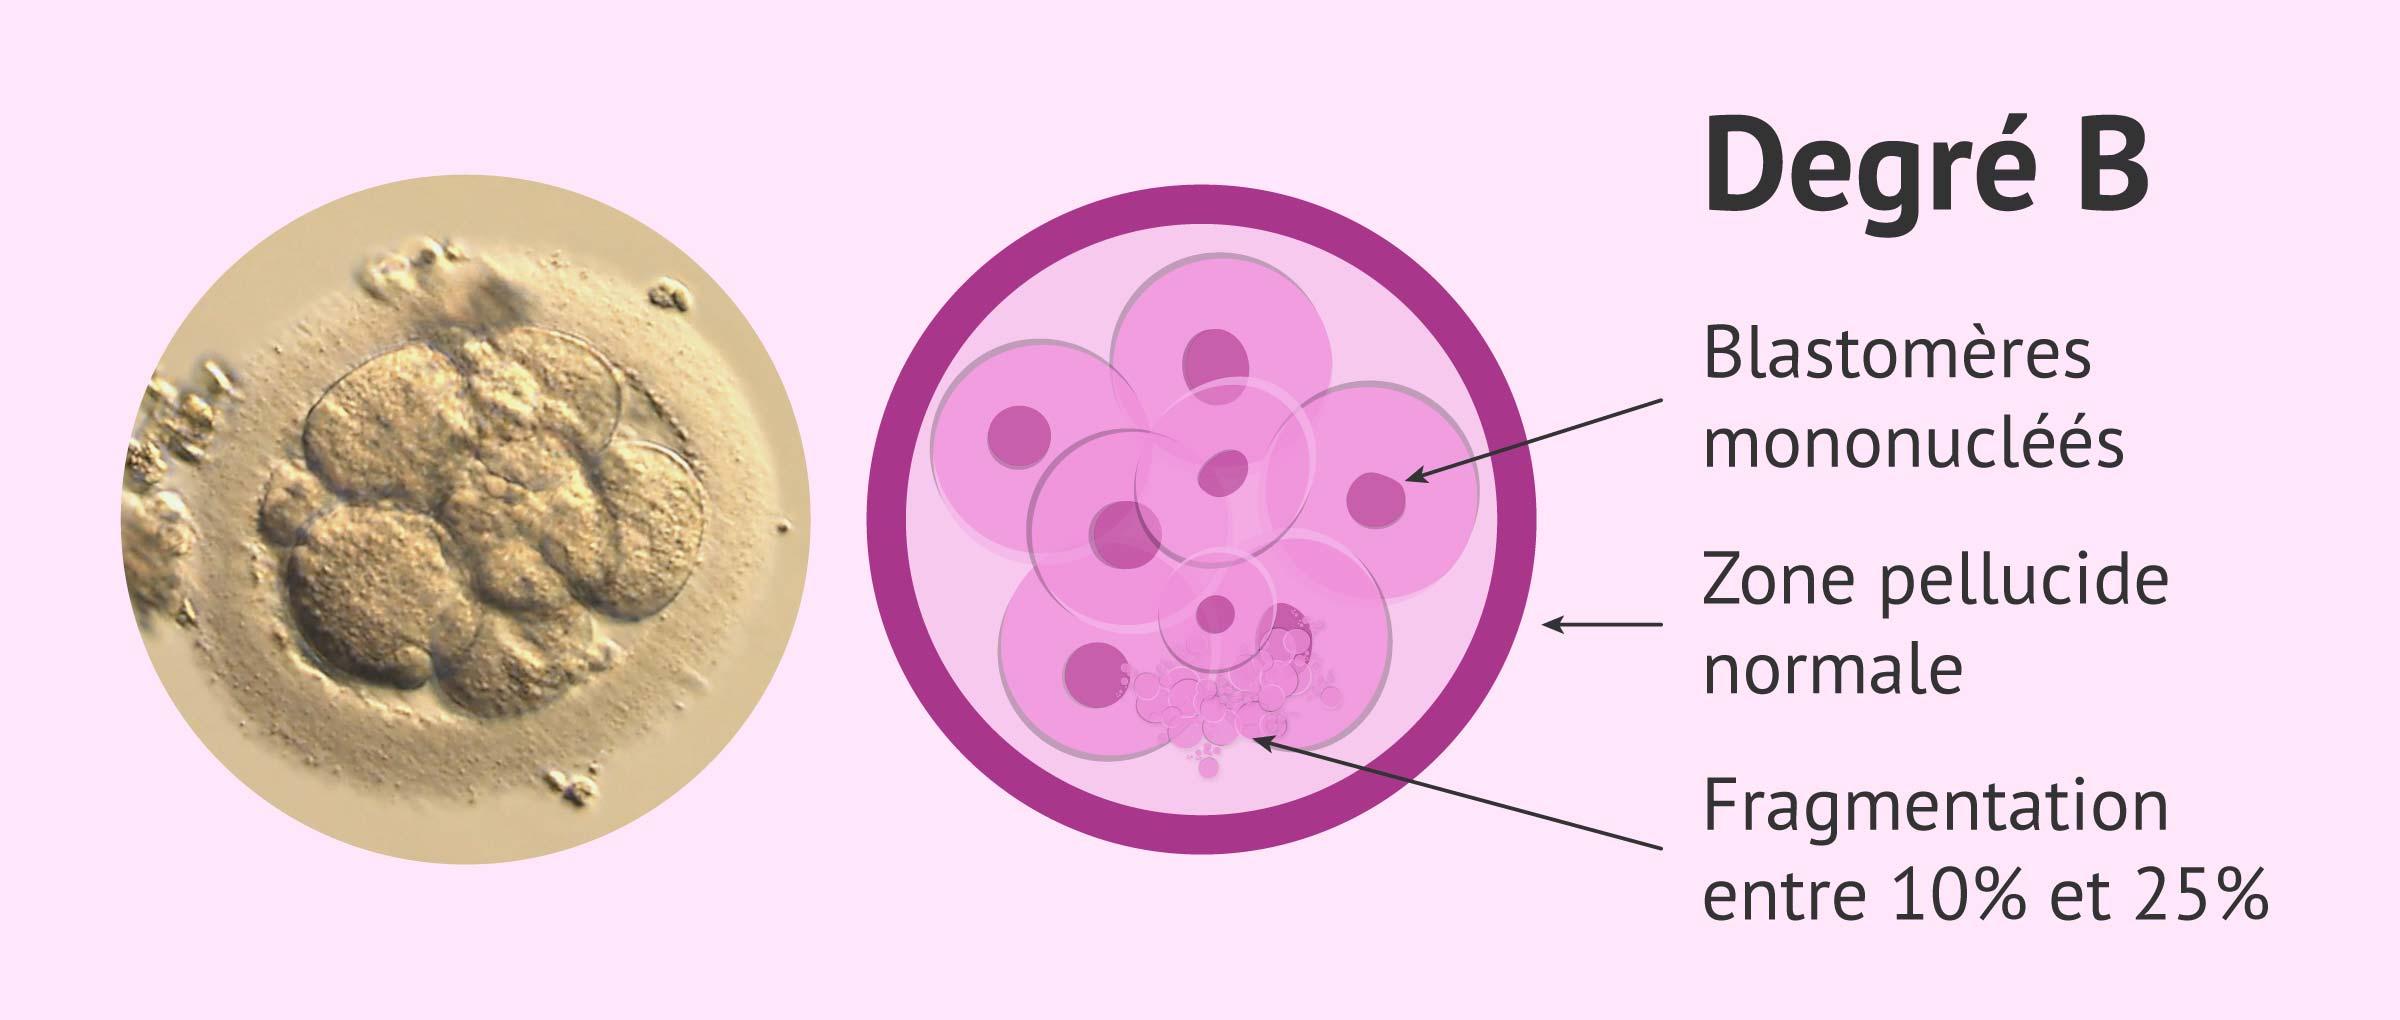 Embryo qualité B